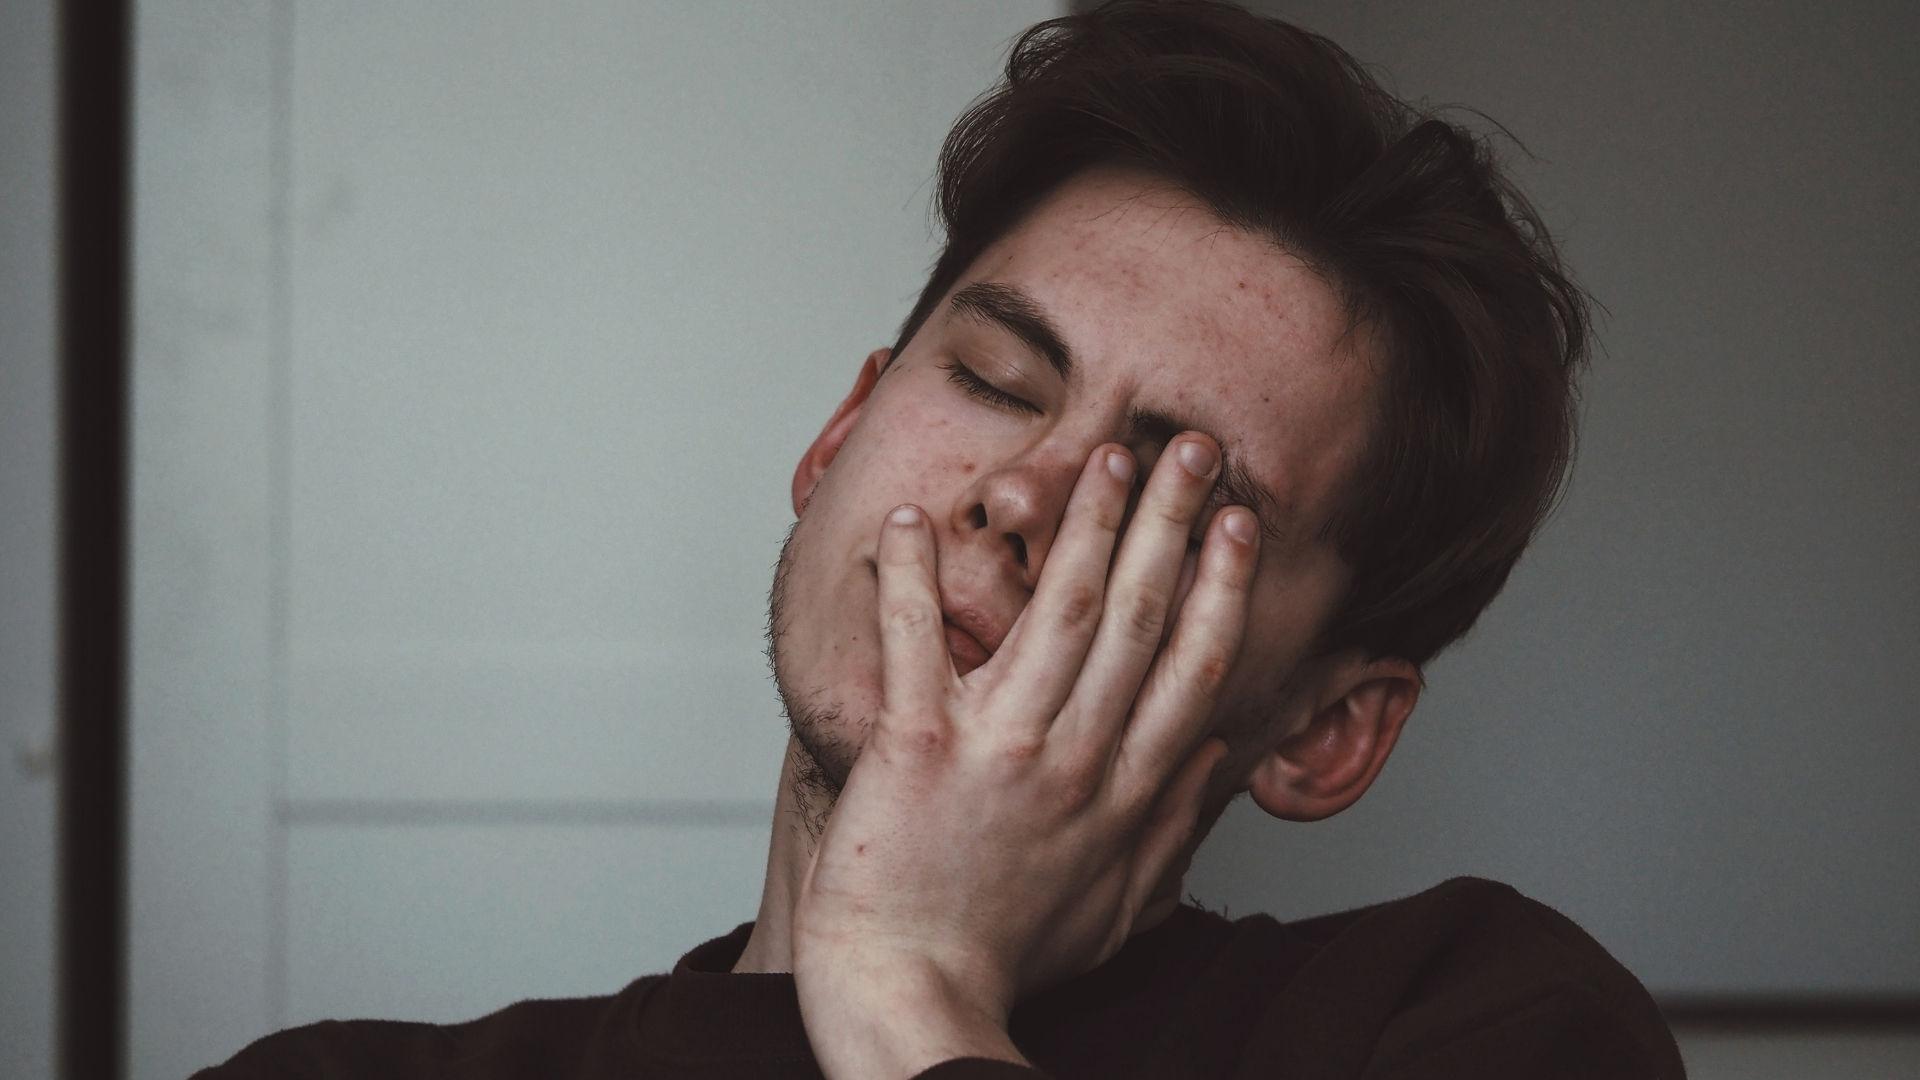 İnsanın Yapmak İstediklerinin Önündeki En Büyük Engel Olan Yorgun Hissetmenin 9 Nedeni